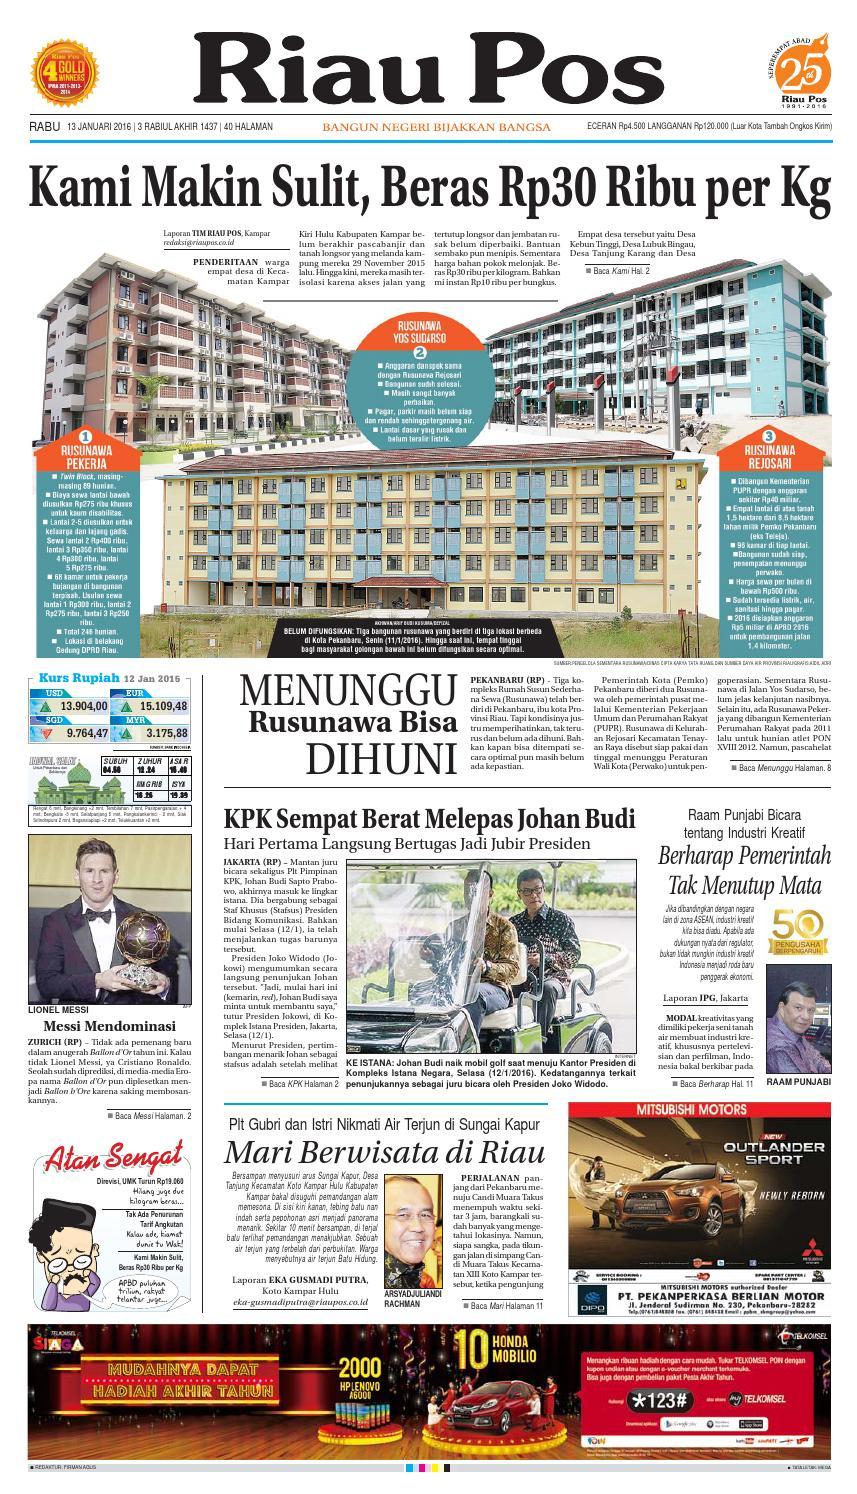 Riau Pos Produk Ukm Bumn Batik Lengan Panjang Parang Toko Ngremboko